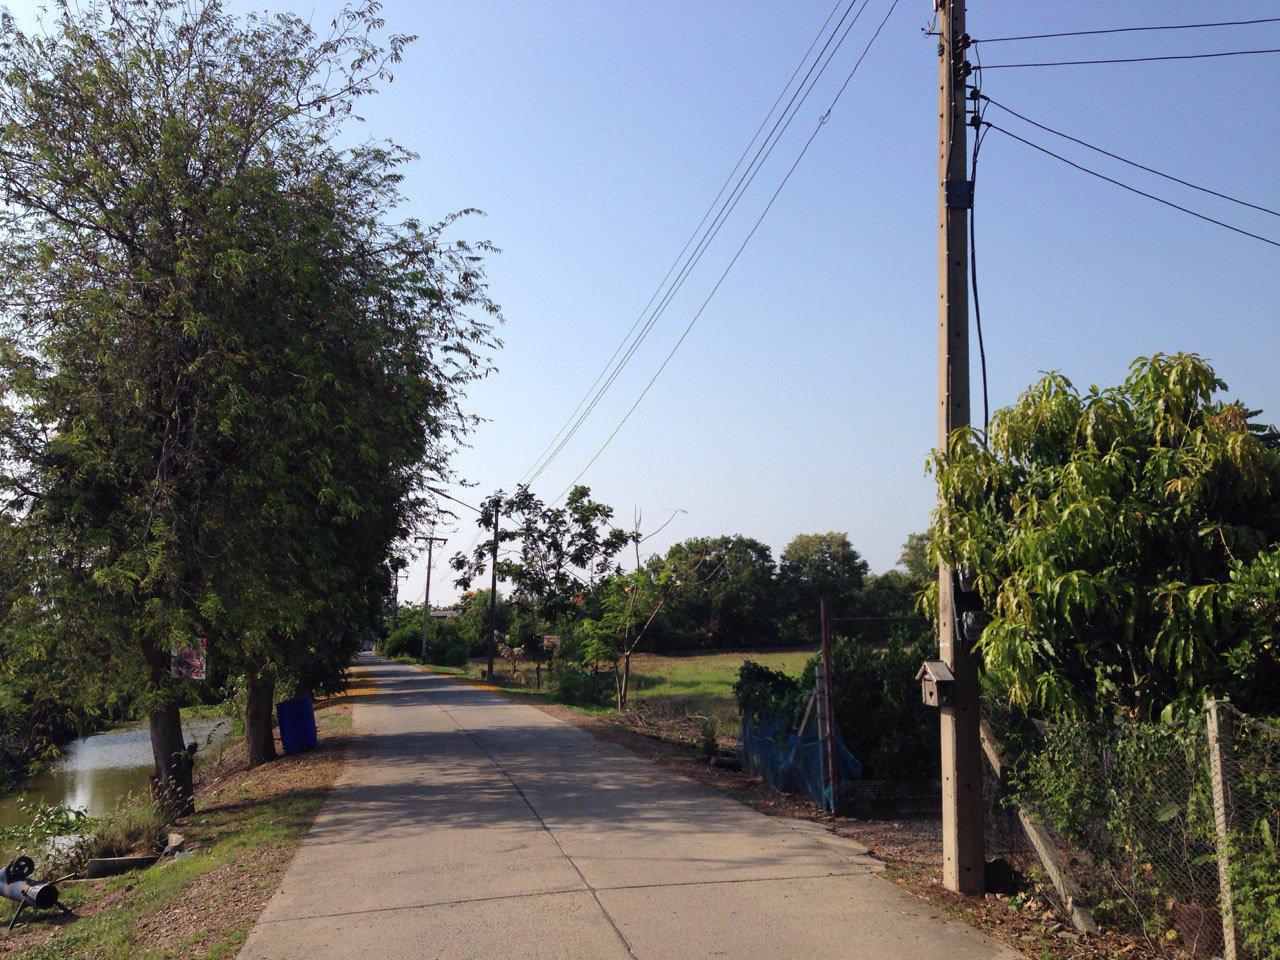 ขายที่ดินเปล่า 11 ไร่ 12 ตารางวา สามโคก-เสนา ปทุมธานี ใก้ลถนนวงแหวนตะวันตก รูปที่ 6